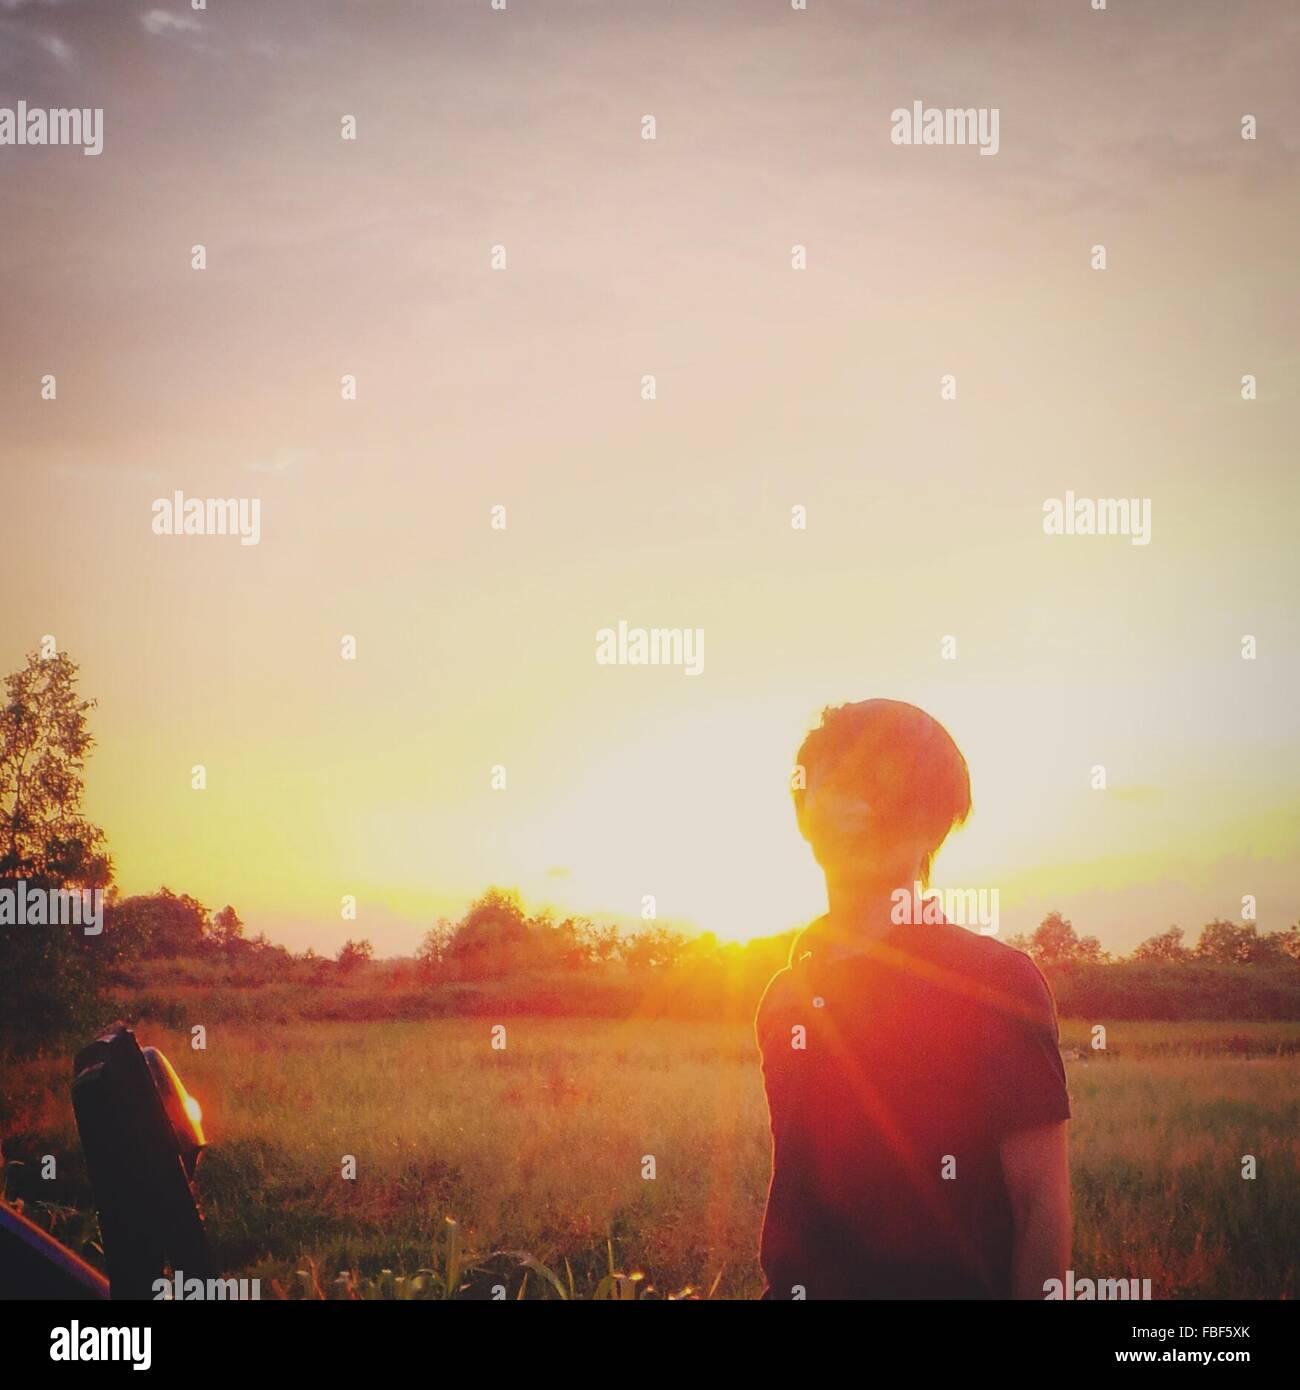 Iluminada desde atrás hombre permanente en el campo durante la puesta de sol Imagen De Stock